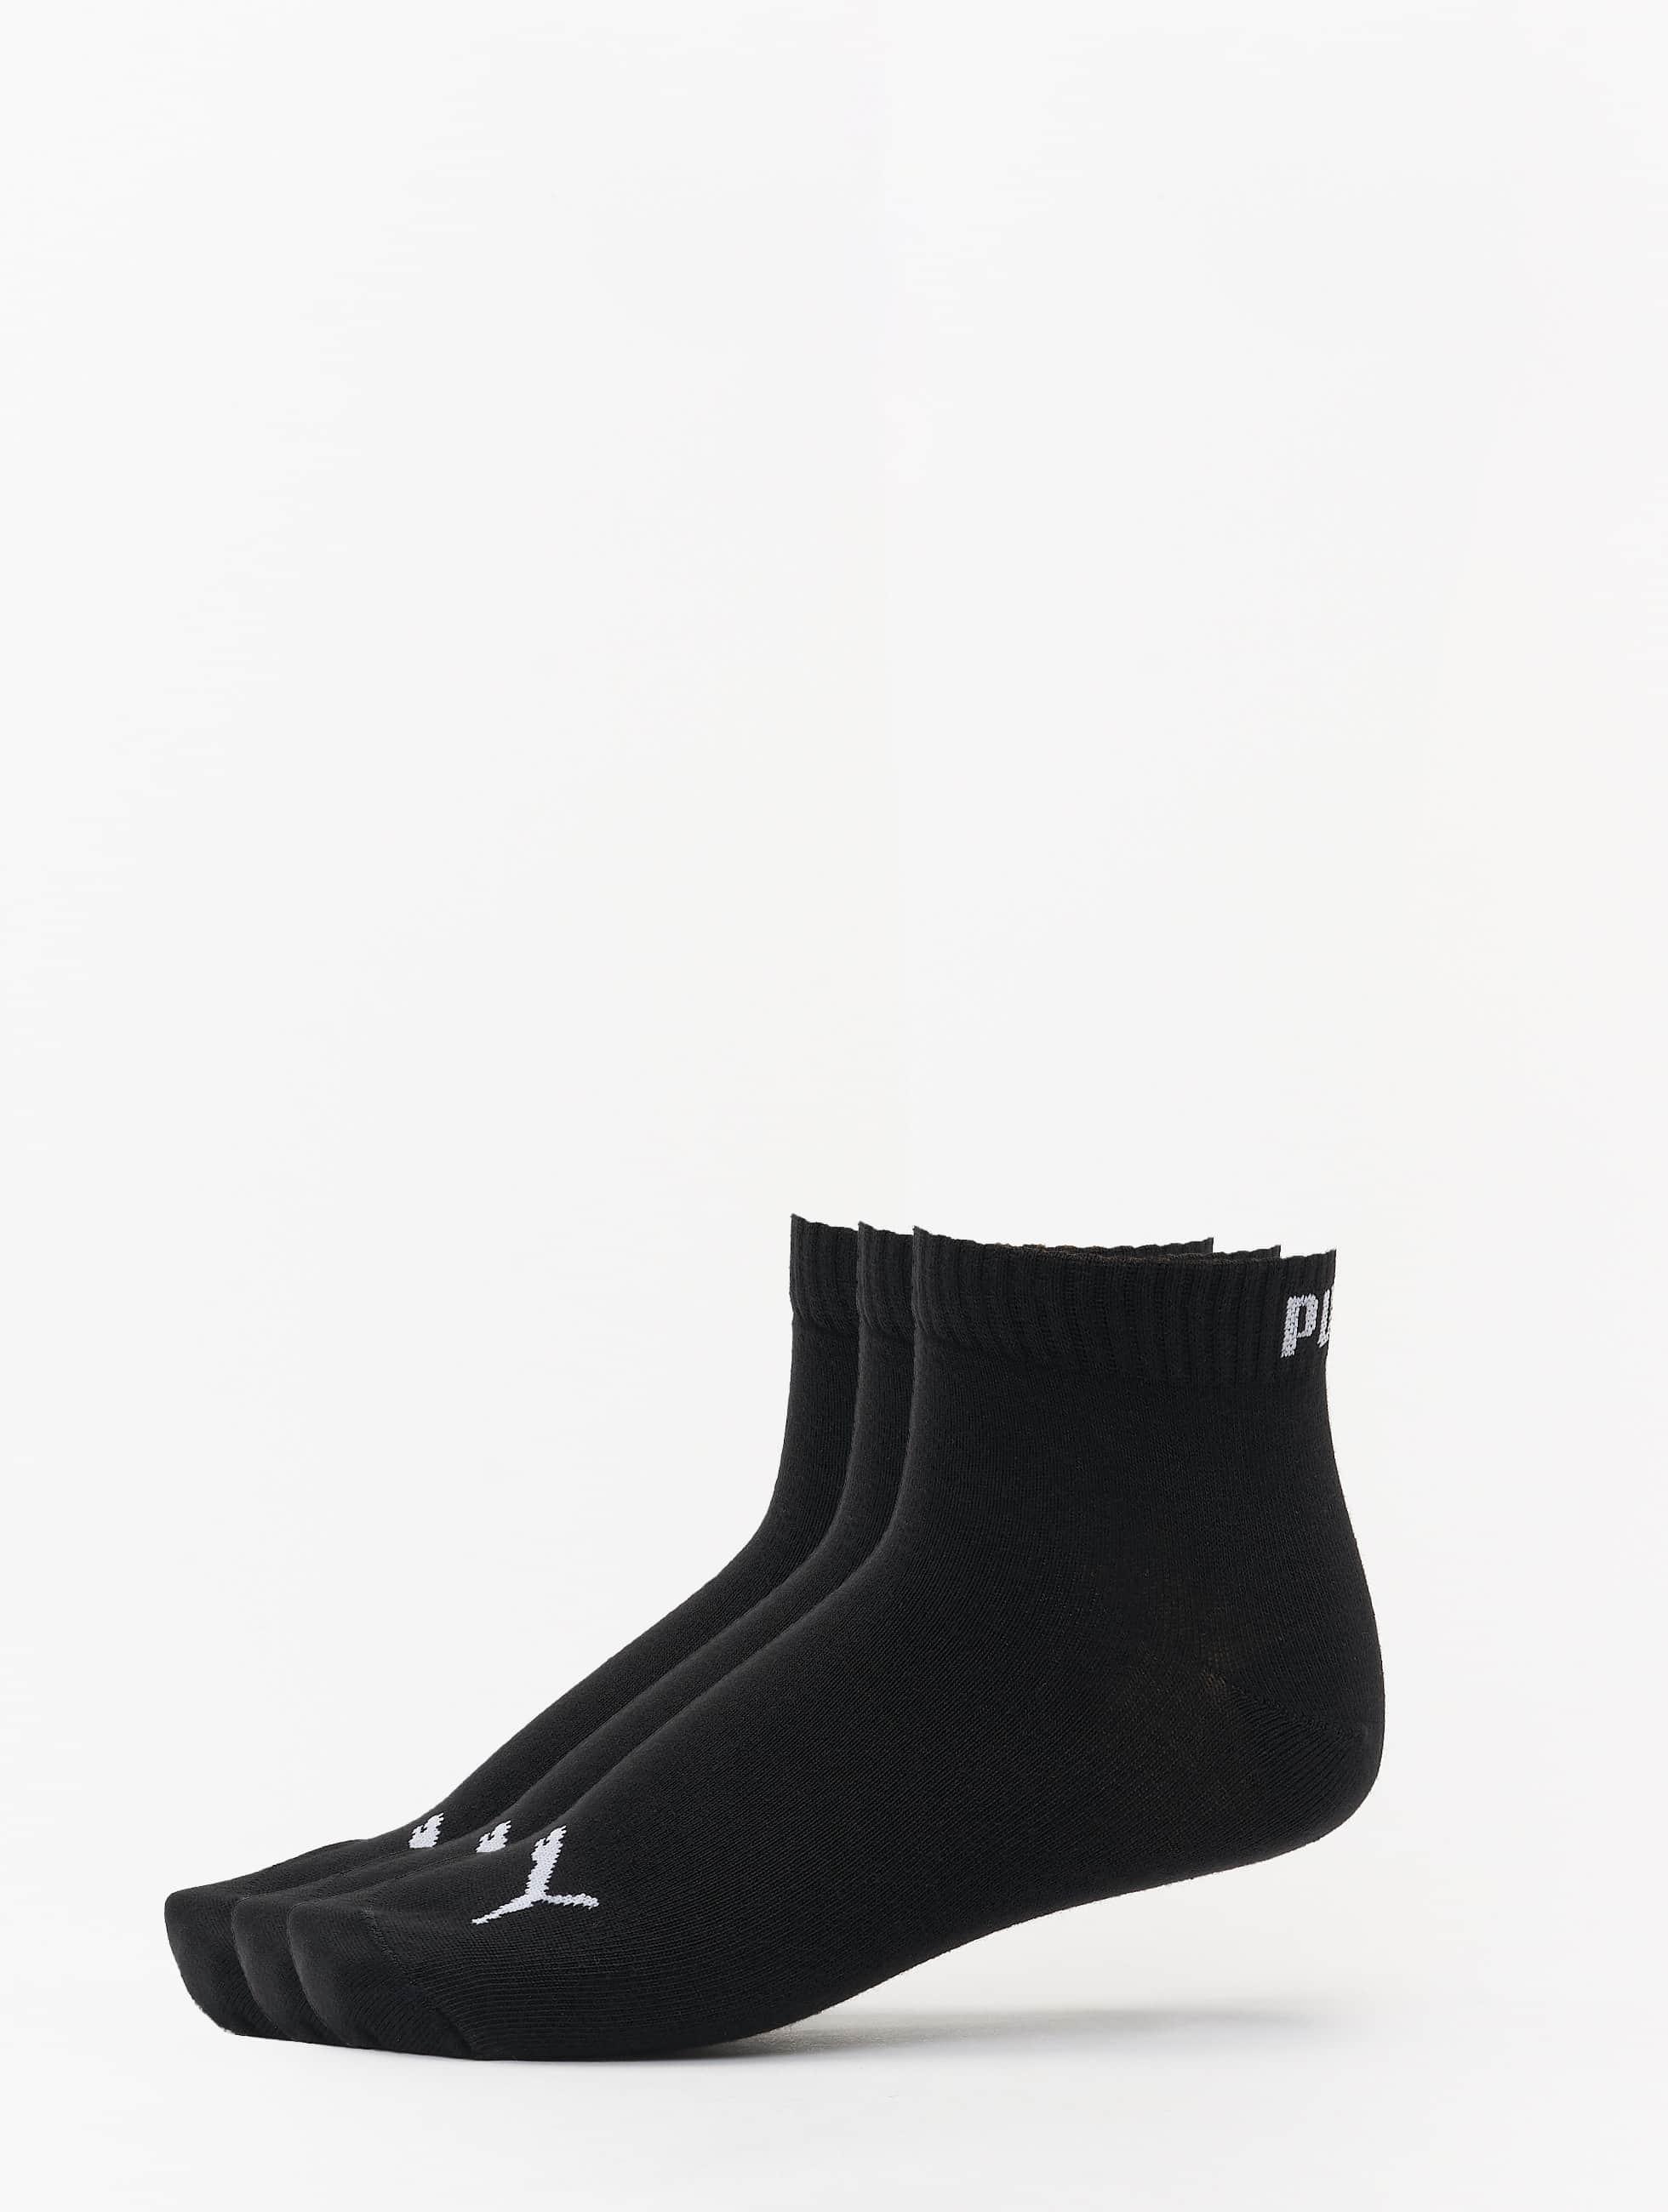 Puma Chaussettes 3-Pack Quarters noir